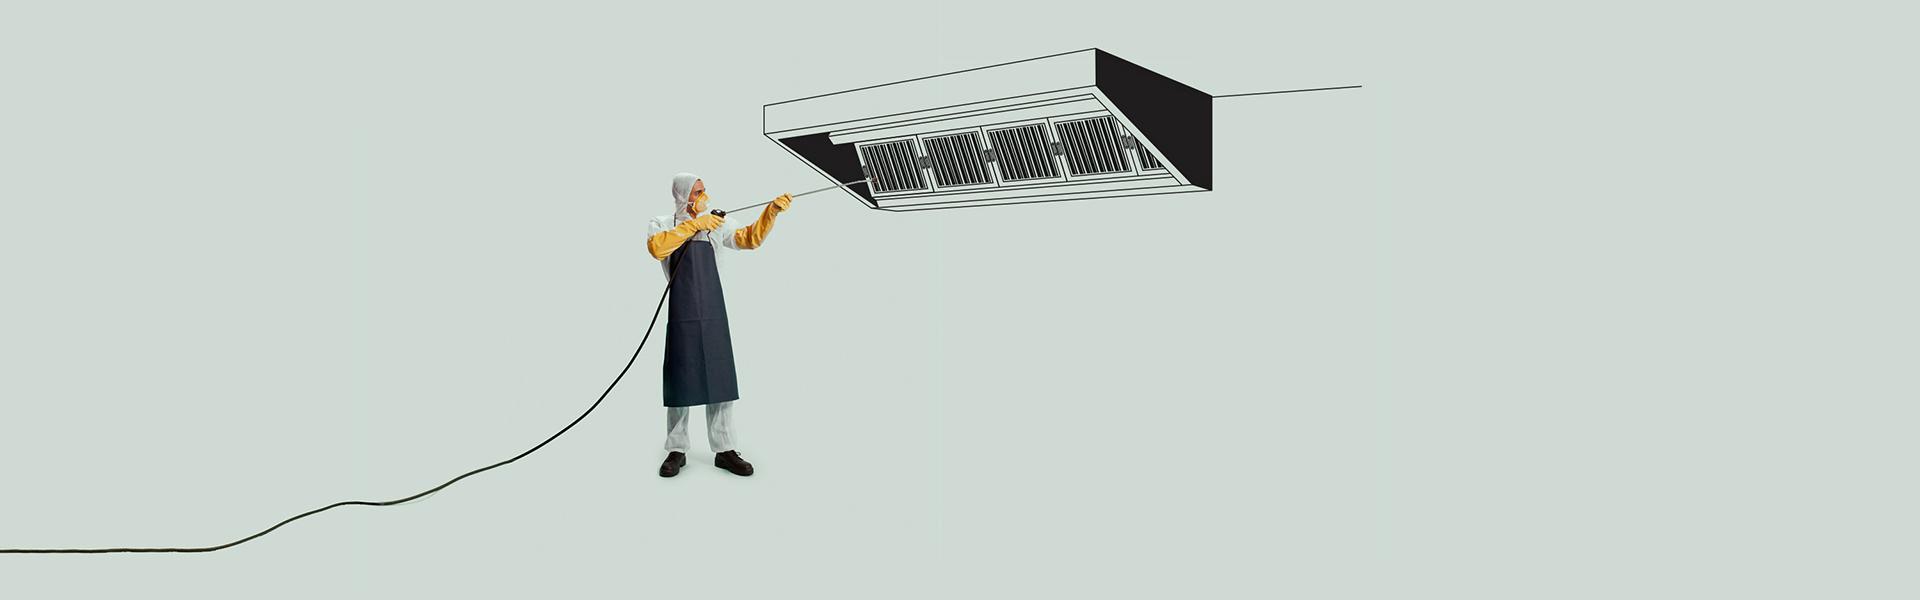 Limpieza de campanas y conductos harmoniaenergy - Limpiar campana extractora ...